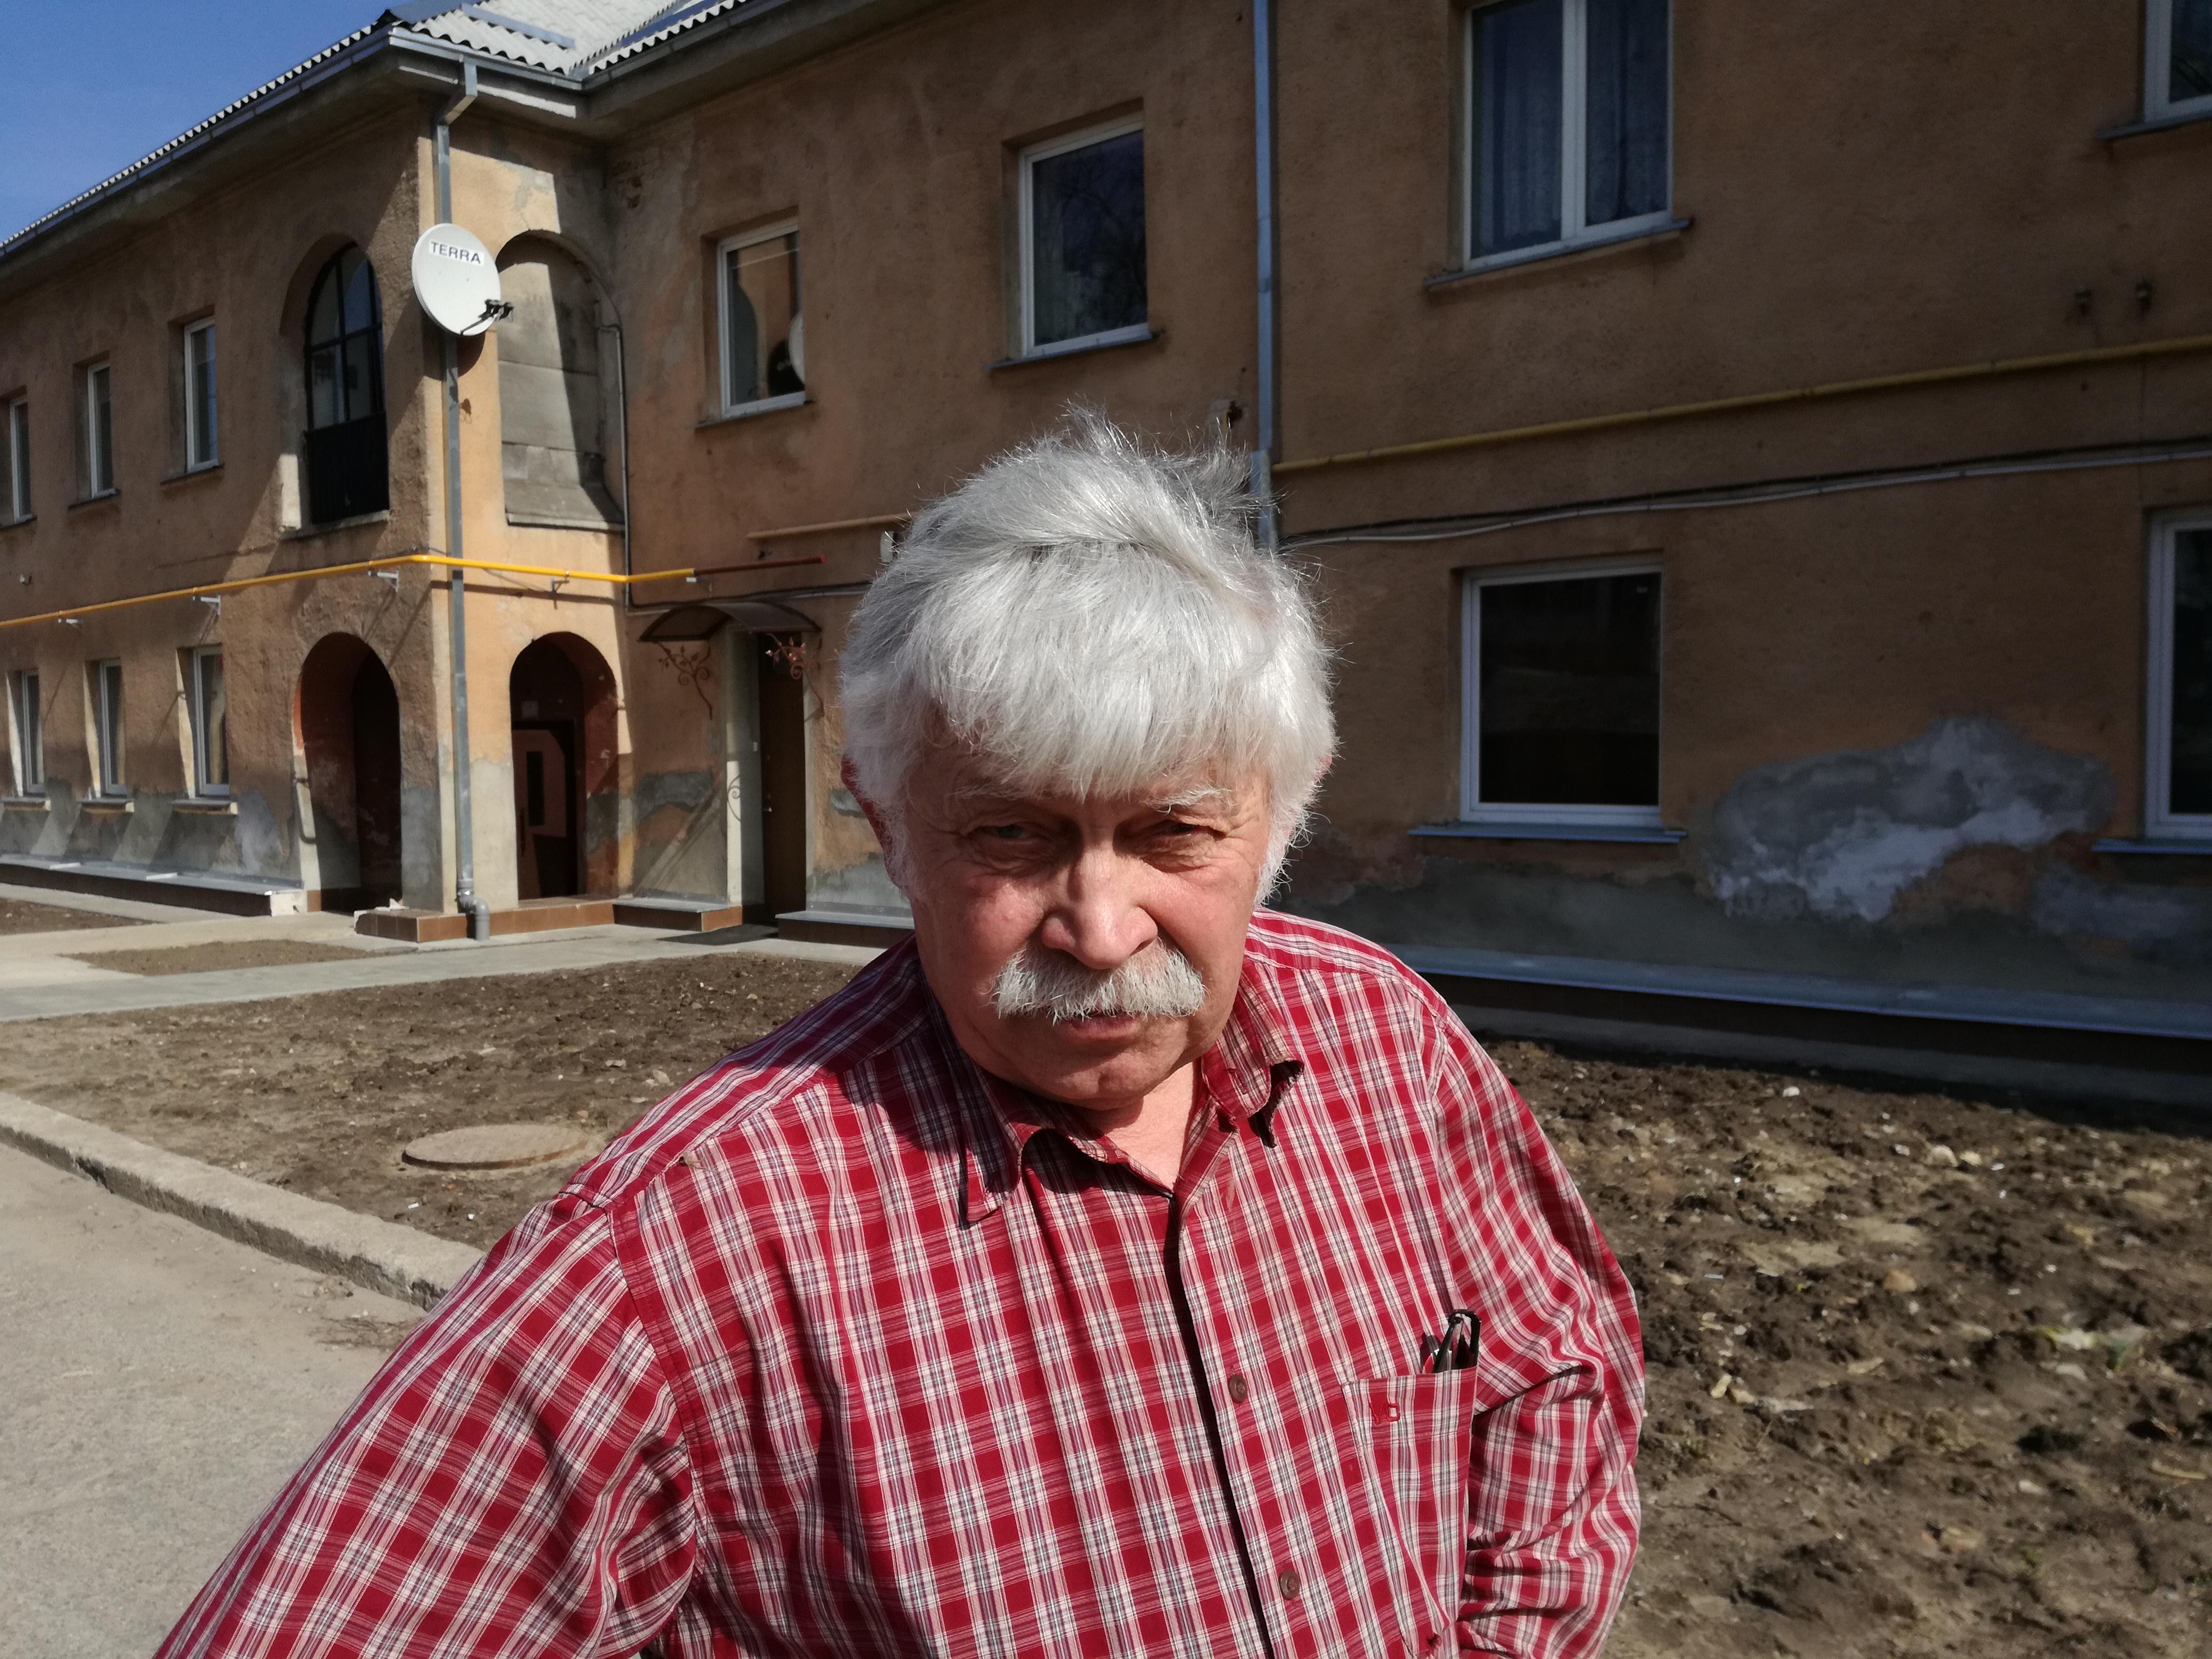 Vasilij džiaugiasi gerai sutariantis su kaimynais, gaunantis iš jų palaikymą